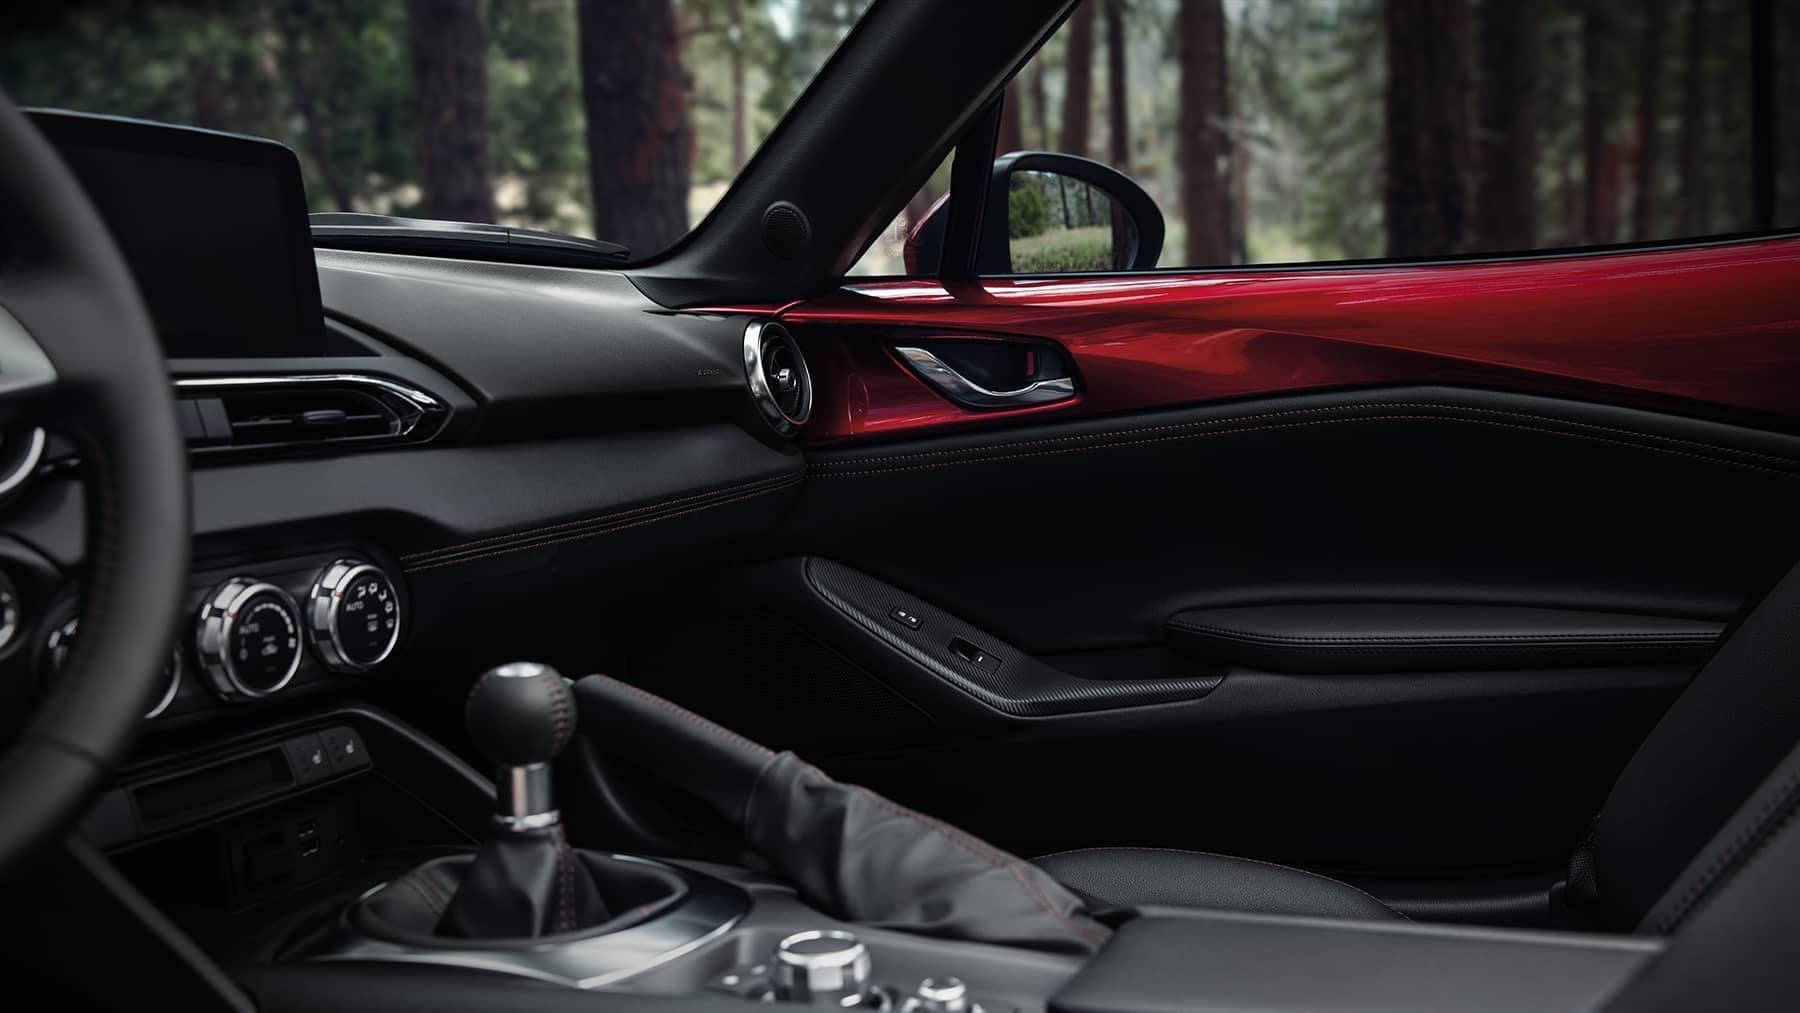 2019 Mazda MX-5 Miata gear shifter